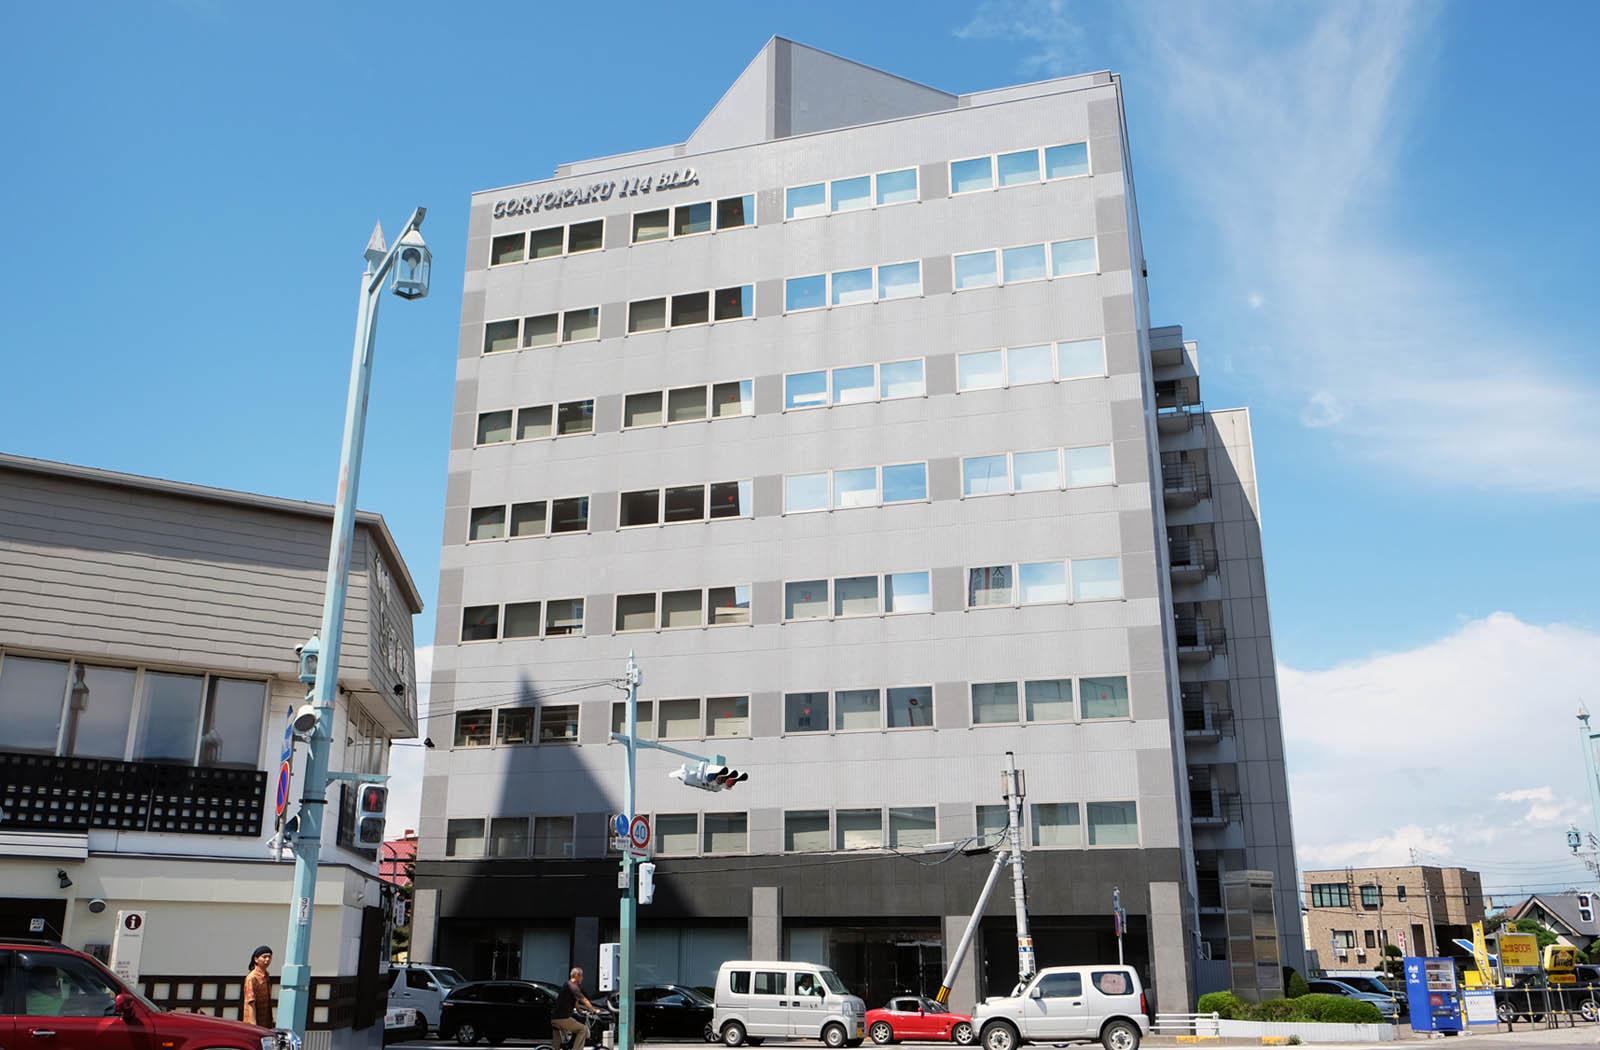 弊社事務所は五稜郭114ビルの2階。市電「五稜郭公園前」電停から徒歩5分、快適なオフィスです